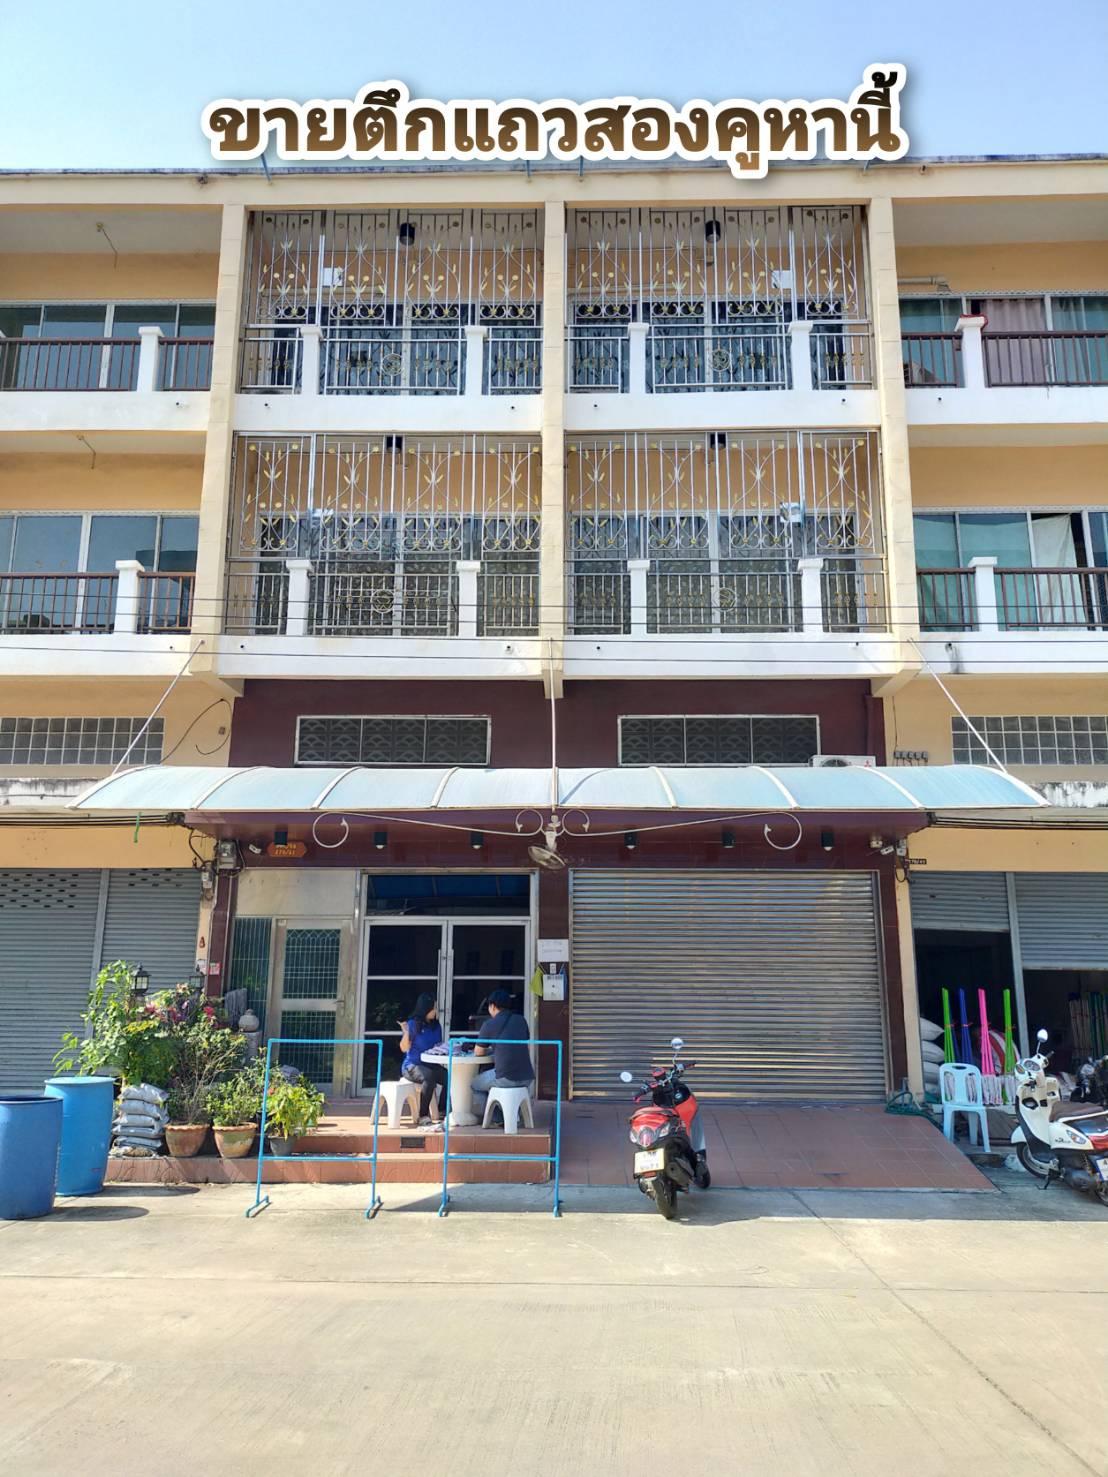 ขายอาคารพาณิชย์ 2 คูหา 3. 5 ชั้น ทำเลบางบอน-กาญจนาฯ (พระยามนธาตุ) เหมาะทำออฟฟิศและพักอาศัย